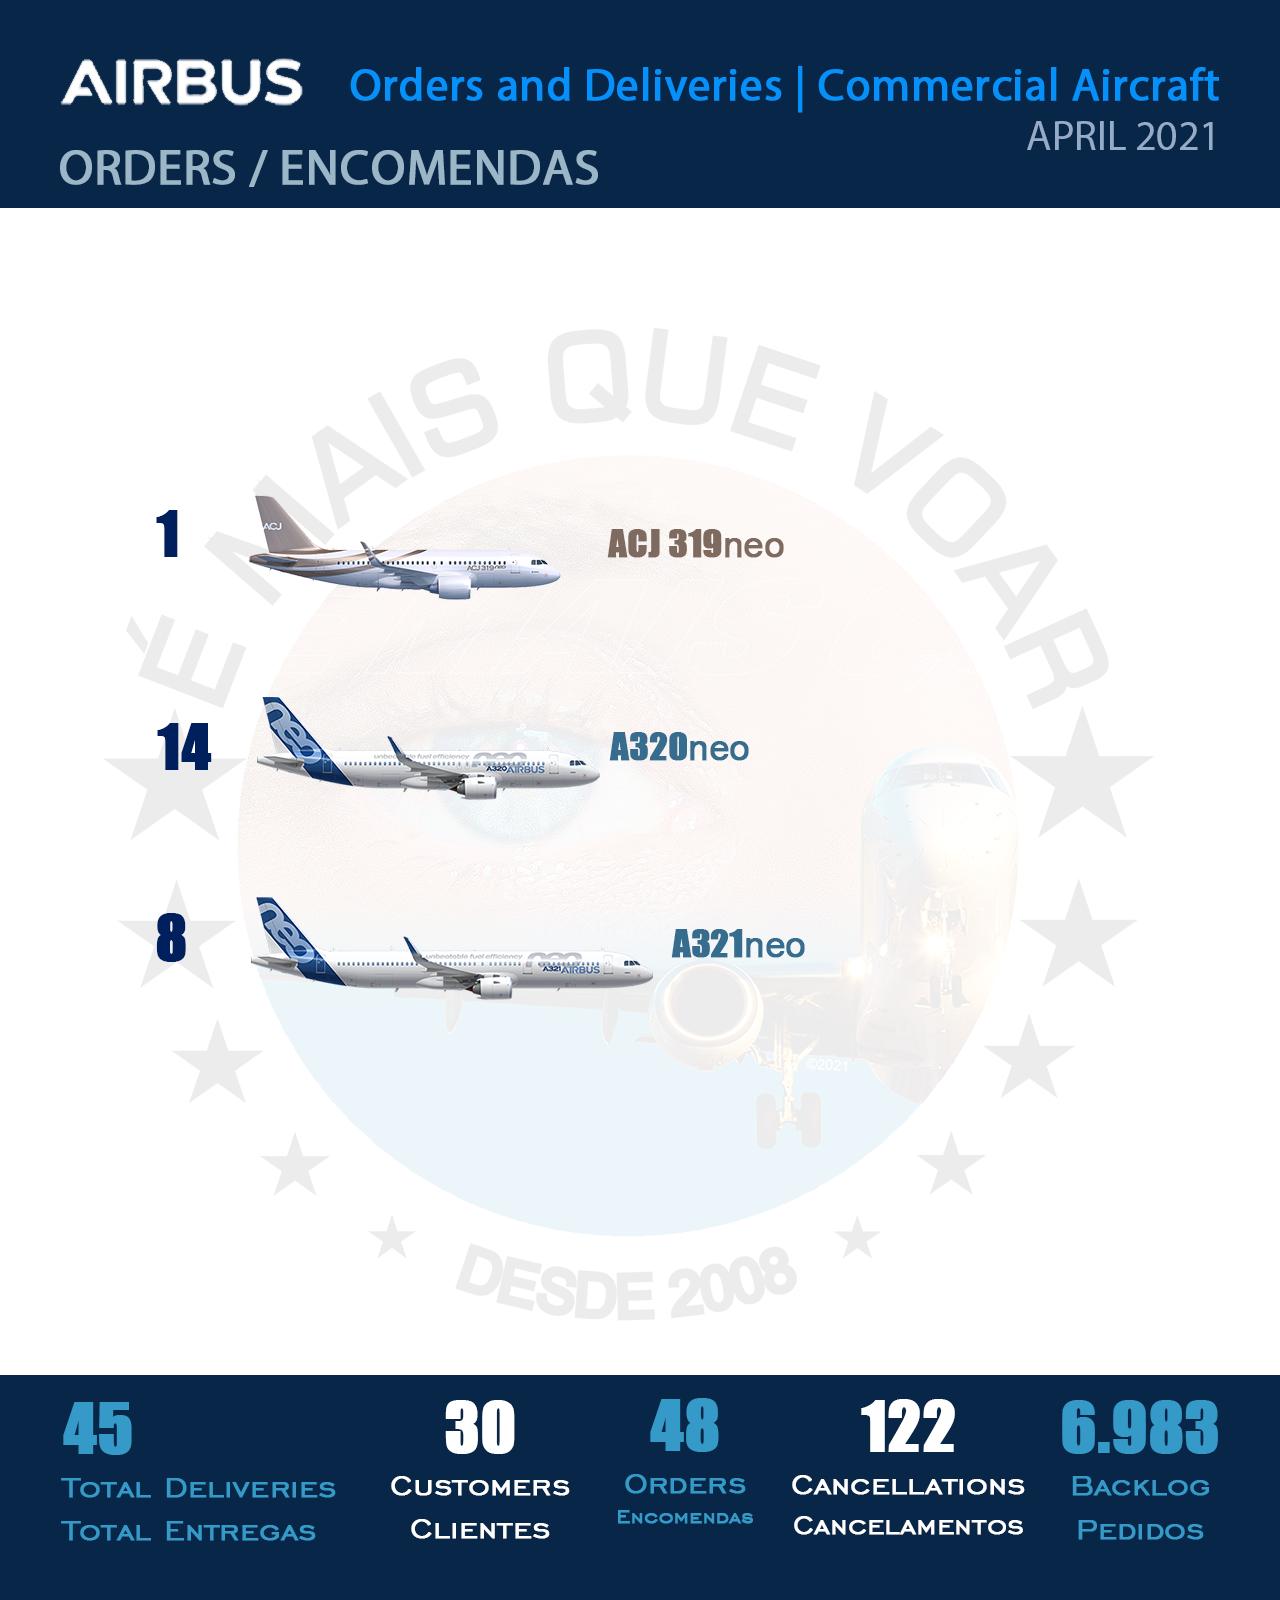 INFOGRÁFICO: Encomendas e Entregas Aeronaves Comerciais da Airbus – Abril 2021   É MAIS QUE VOAR